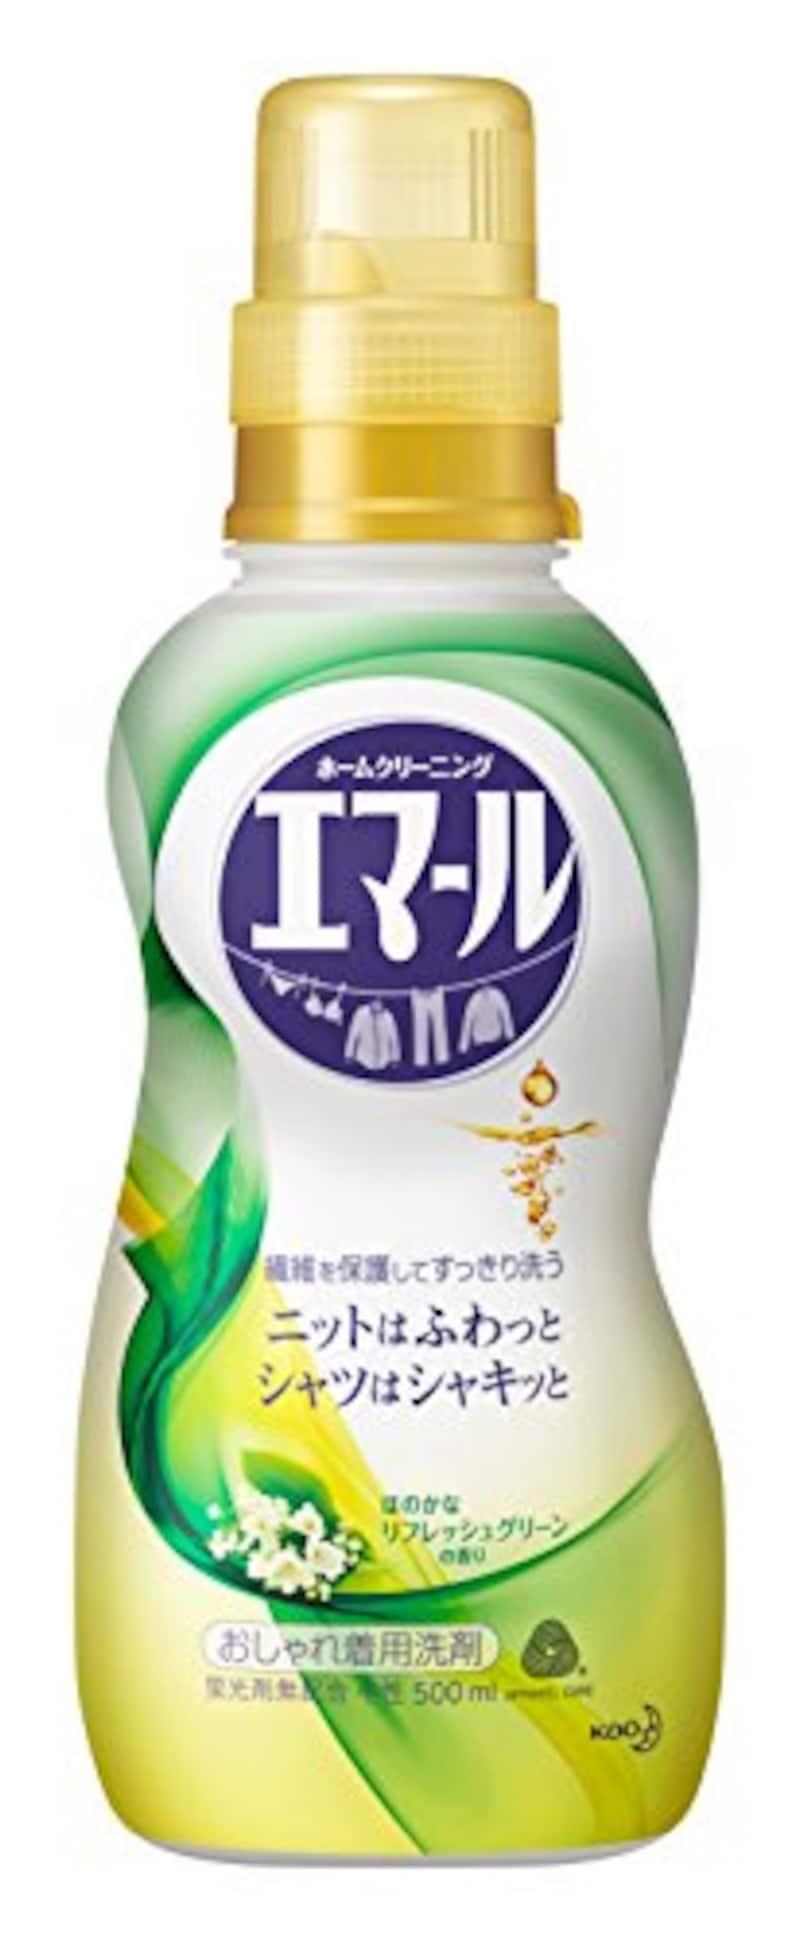 エマール おしゃれ着用 リフレッシュグリーンの香り 本体 500ml